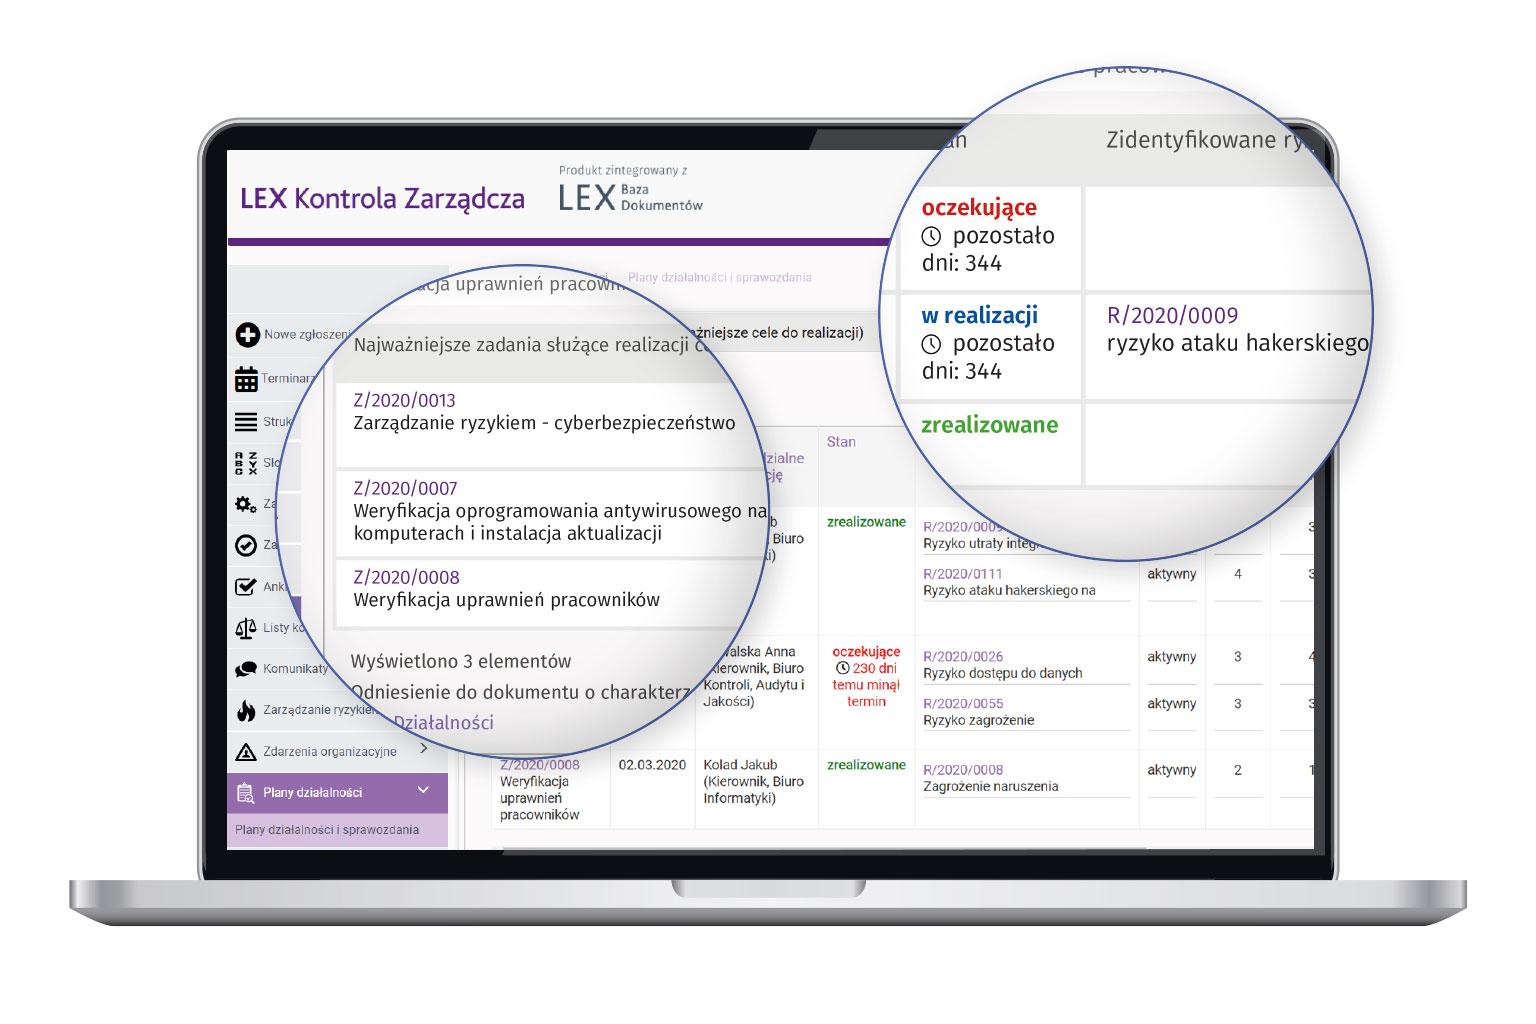 Widok programu LEX Kontrola Zarządcza przedstawiający plan działalności